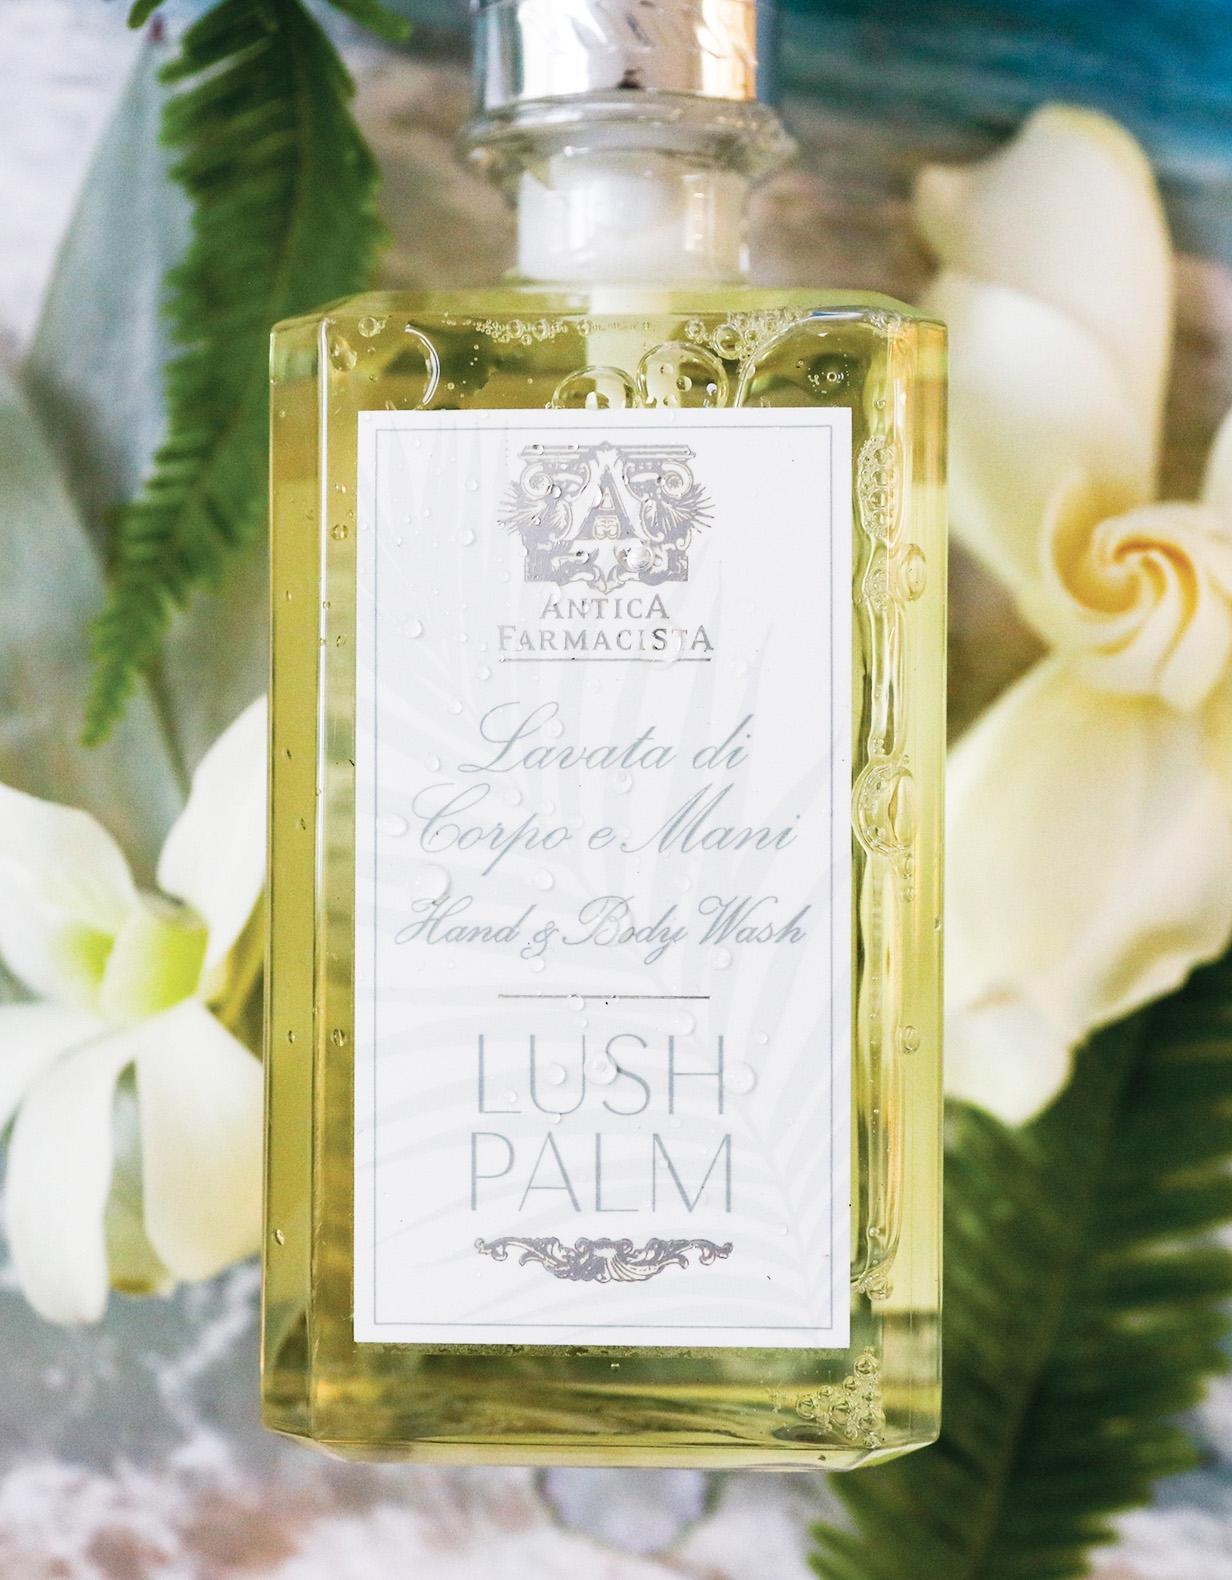 Antica Farmacista - Lush Palm Bubble Bath